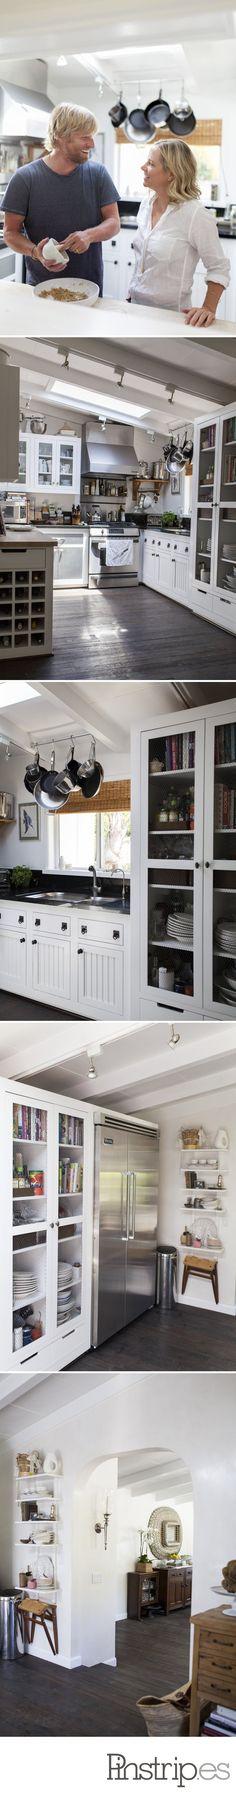 12 besten Kitchens Bilder auf Pinterest Kleine küchen, Rund ums - welche treppe fr kleines strandhaus